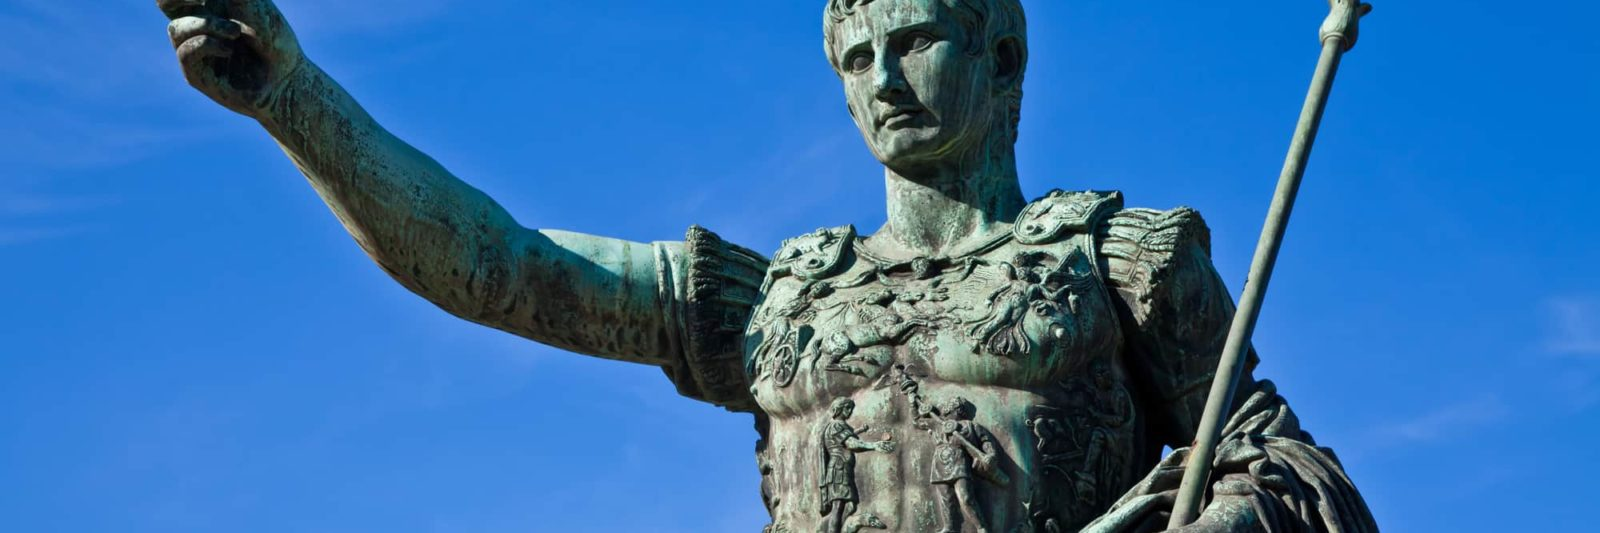 divide and conquer julius caesar